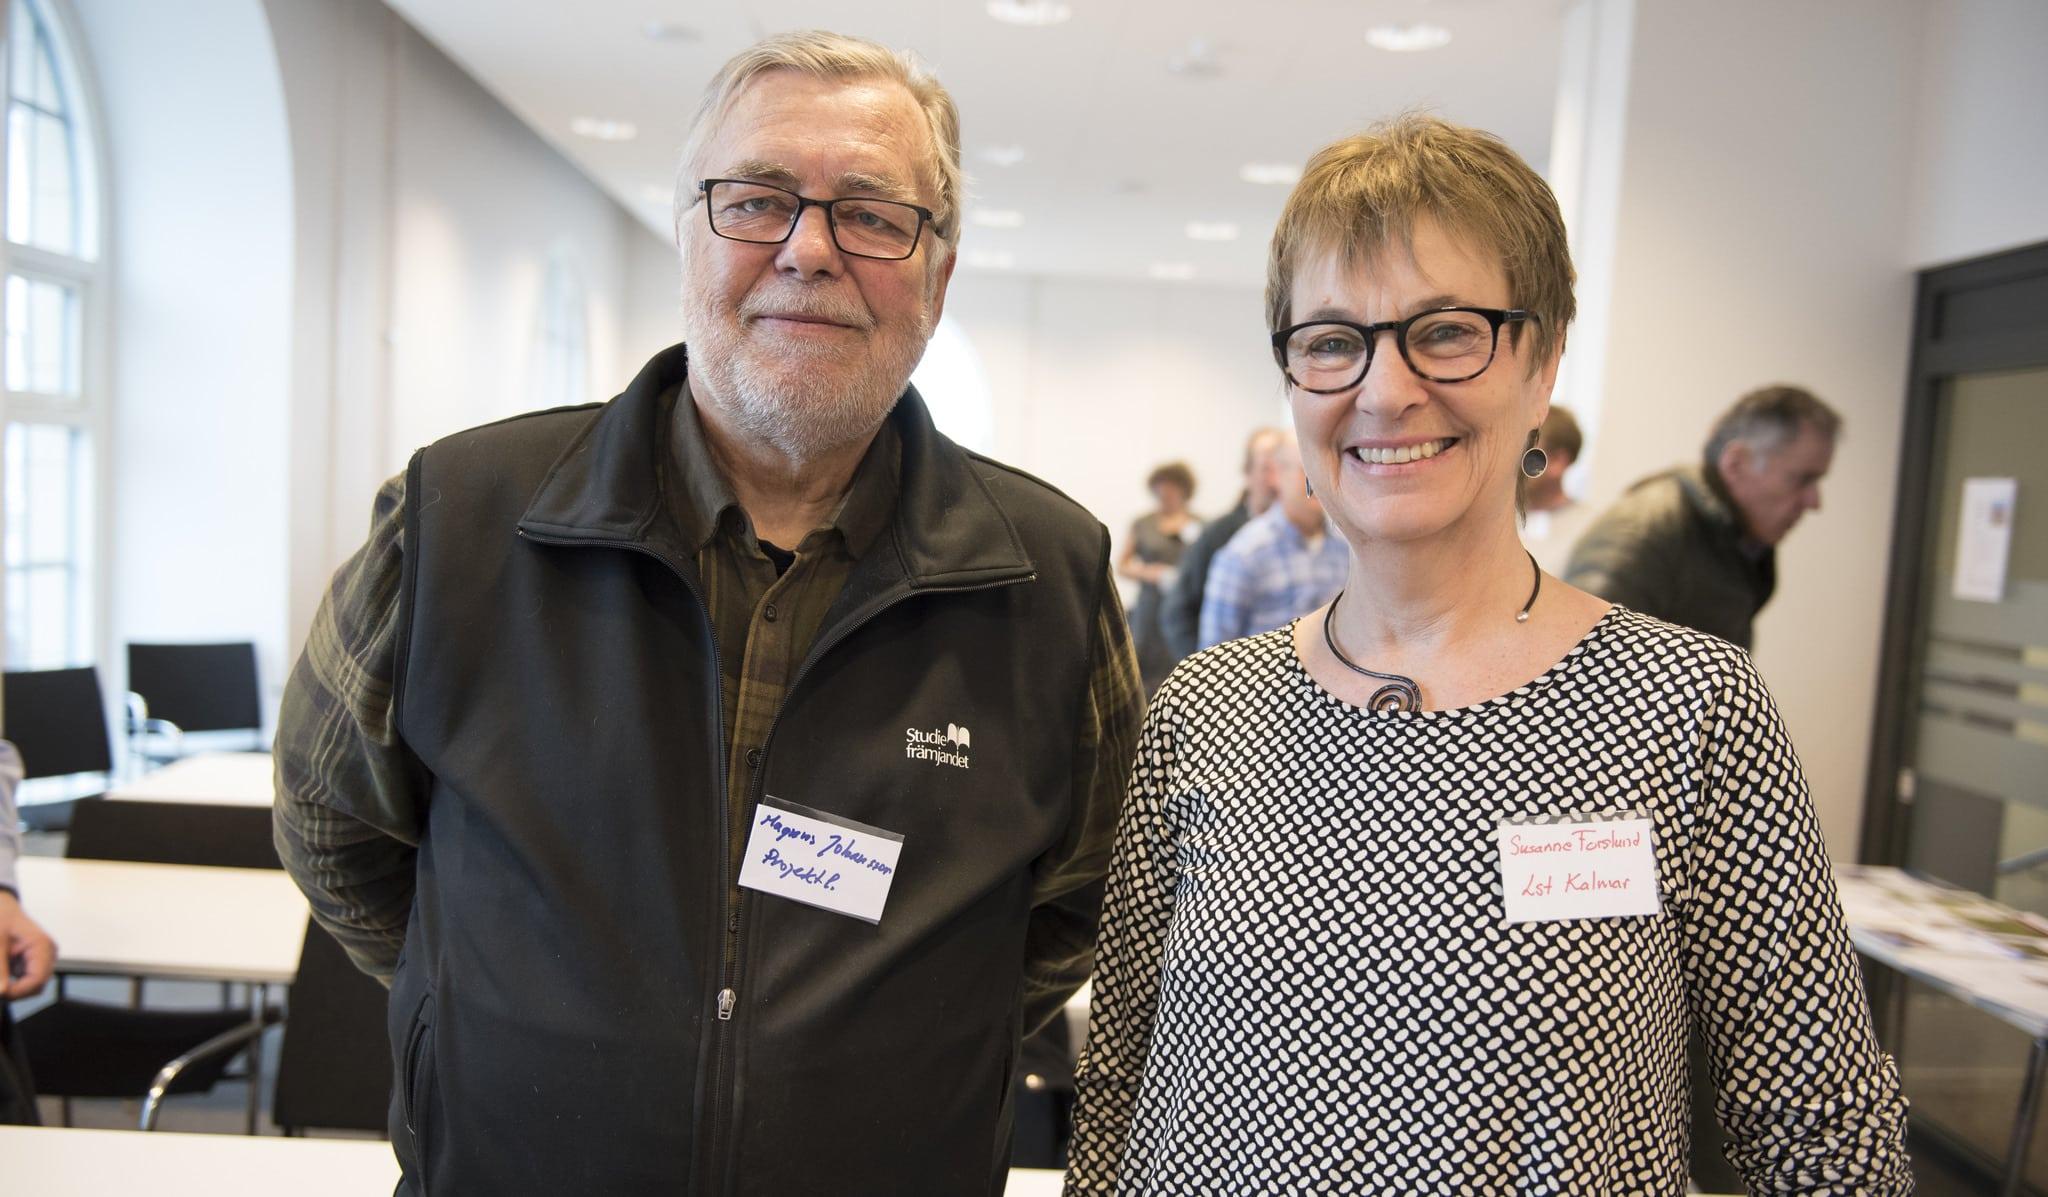 Magnus Johansson, Mörbylånga jaktvårdskrets, och Susanne Forslund, länsstyrelsen Kalmar, kunde inte vara annat än nöjda med intresset för deras gemensamma seminarium om predatorjakt som en del av naturvården.